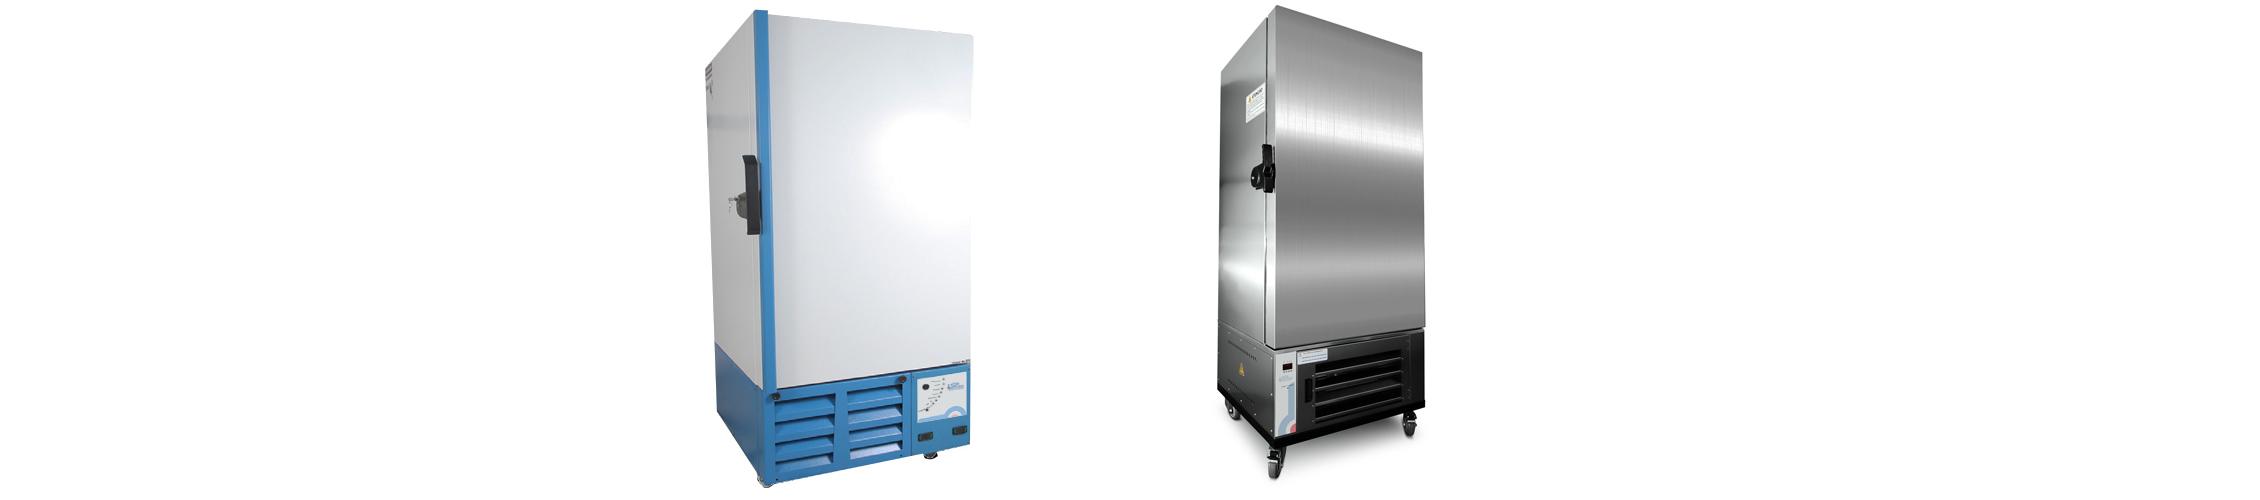 Freezer (IMAGEM MERAMENTE ILUSTRATIVA)